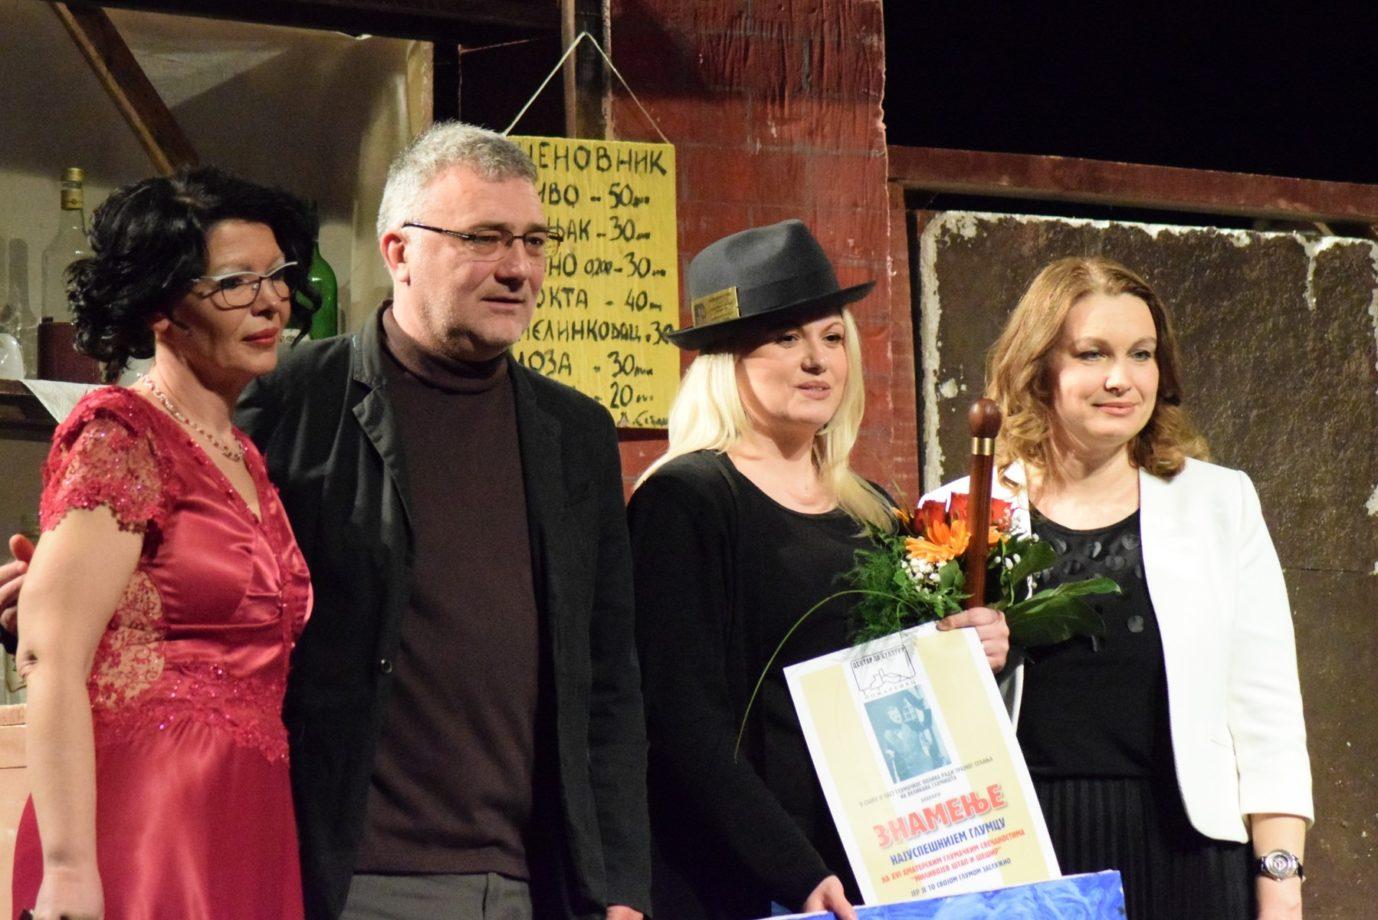 Marija Debeljaković Stefanović dobitnica Milivojevog šešira 30795